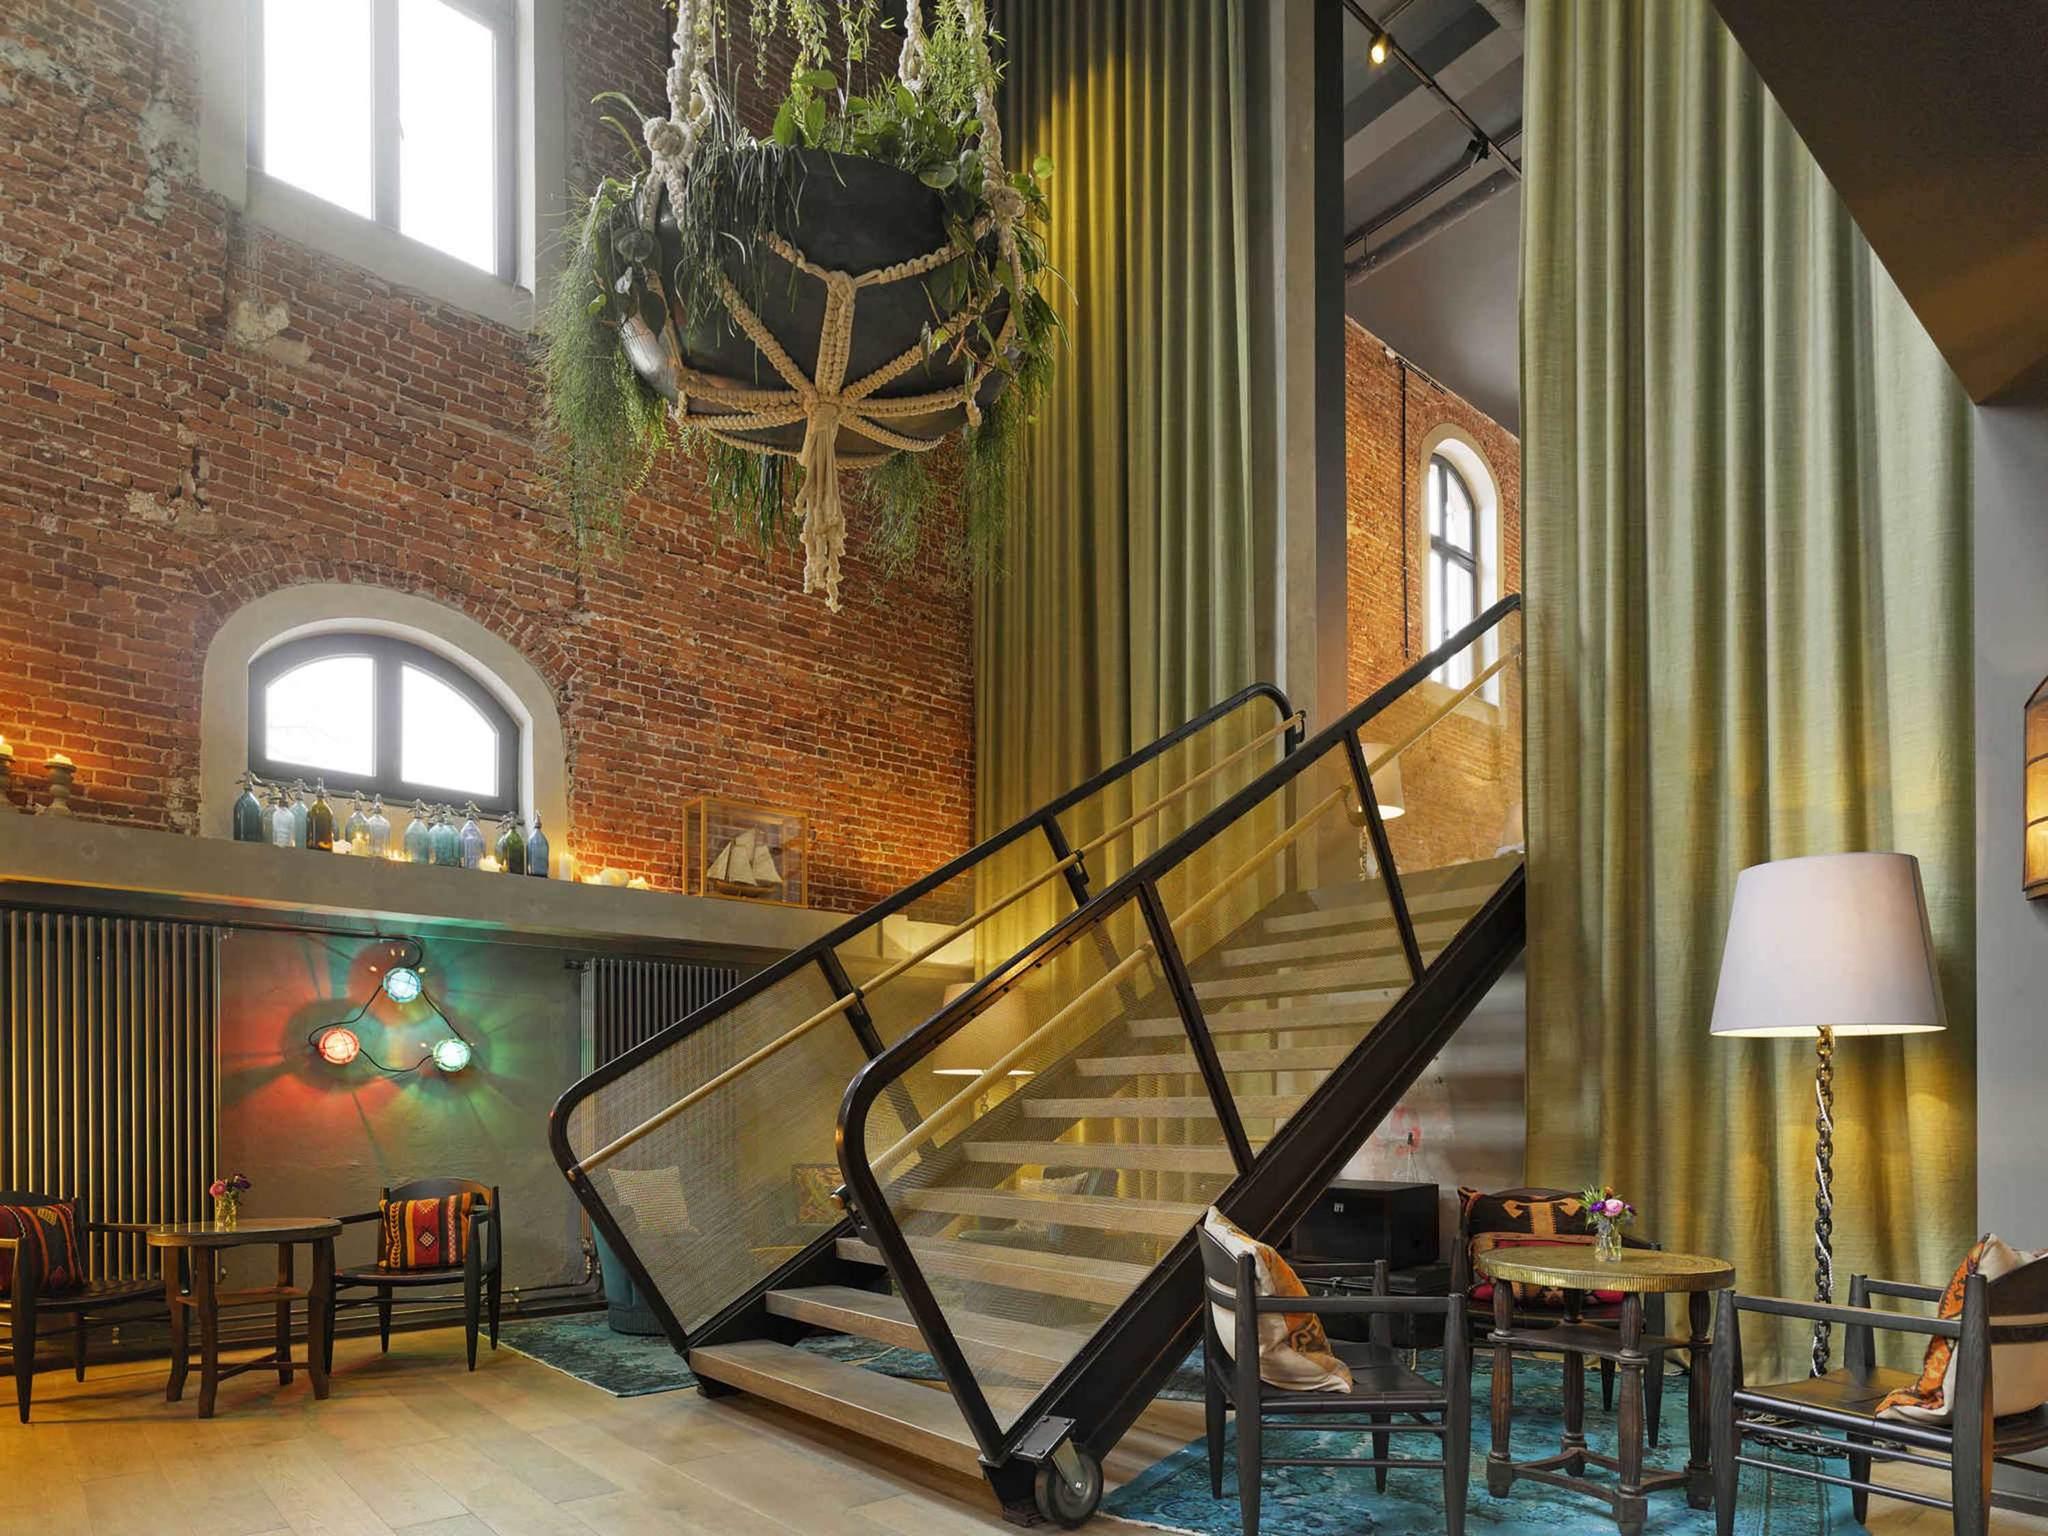 酒店 – 阿尔特斯哈芬纳特 25 小时酒店